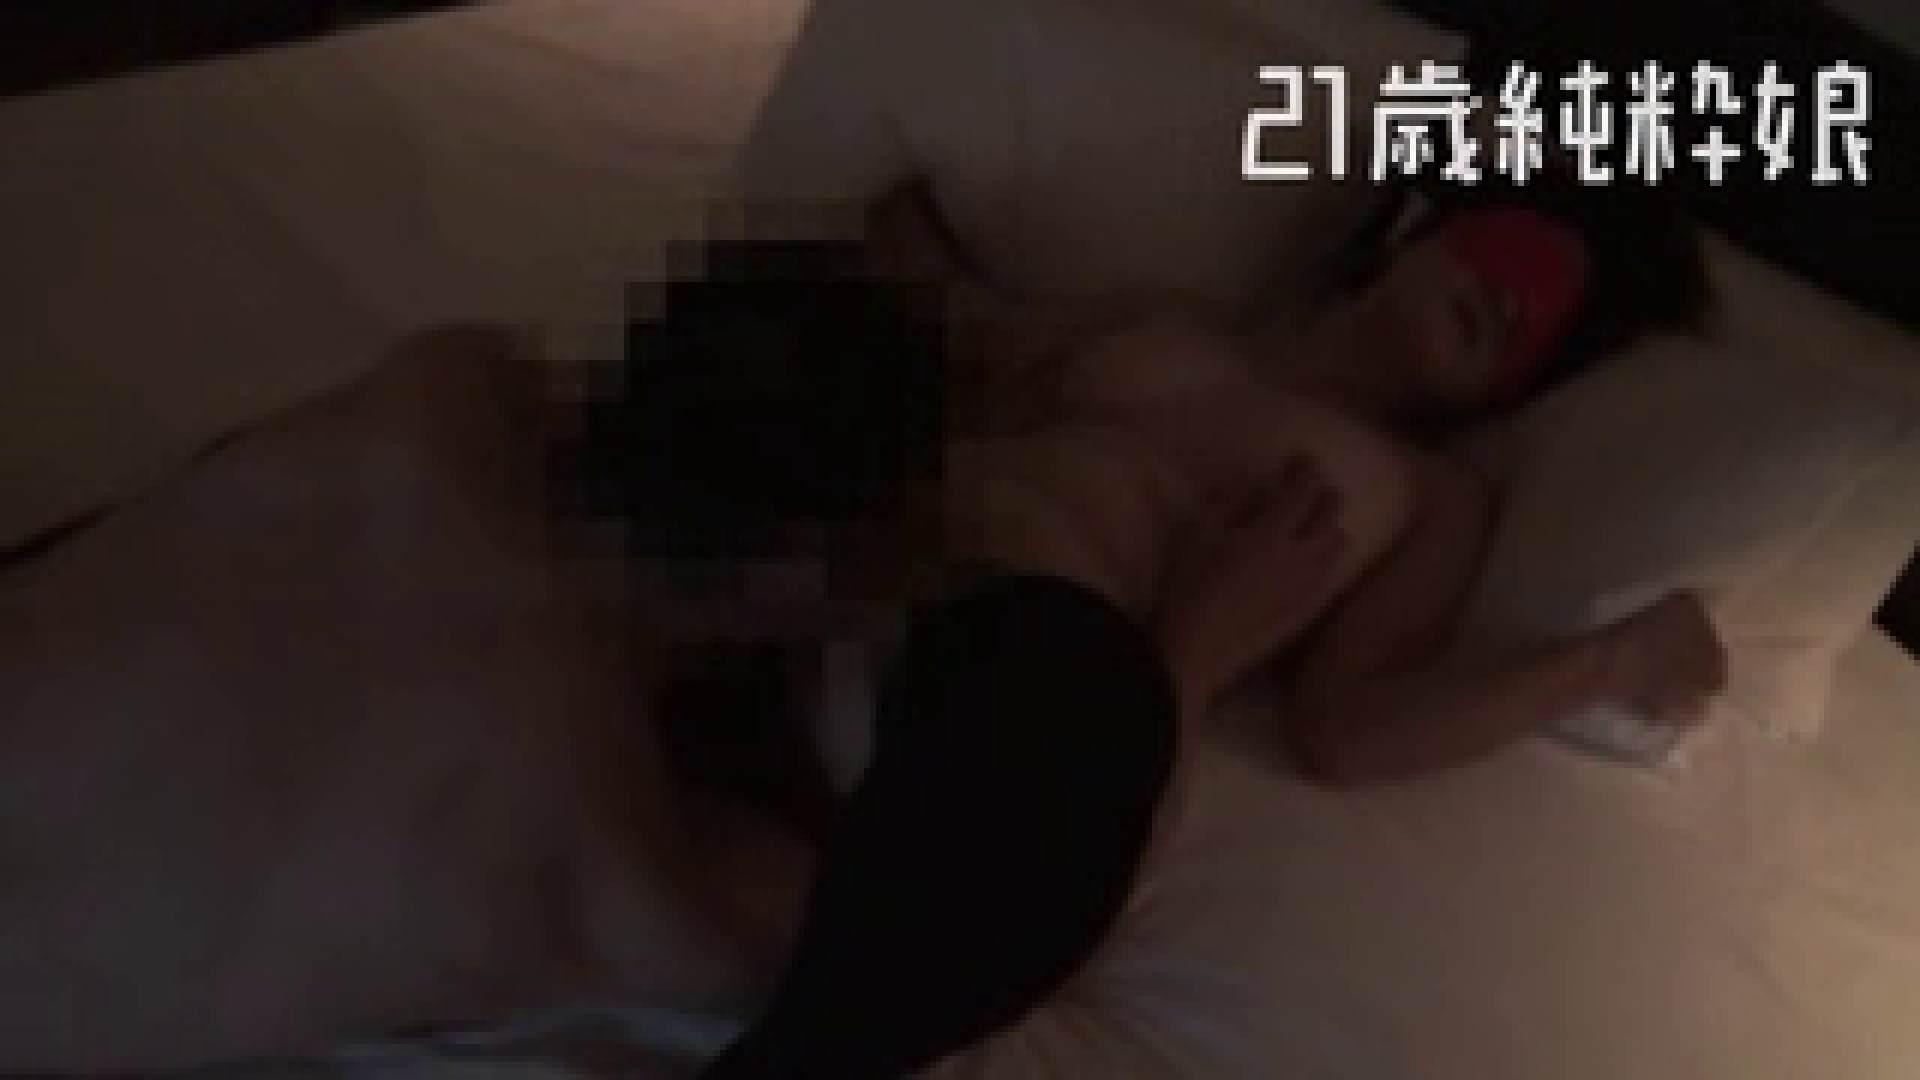 上京したばかりのGカップ21歳純粋嬢を都合の良い女にしてみた4 投稿 エロ画像 90画像 82